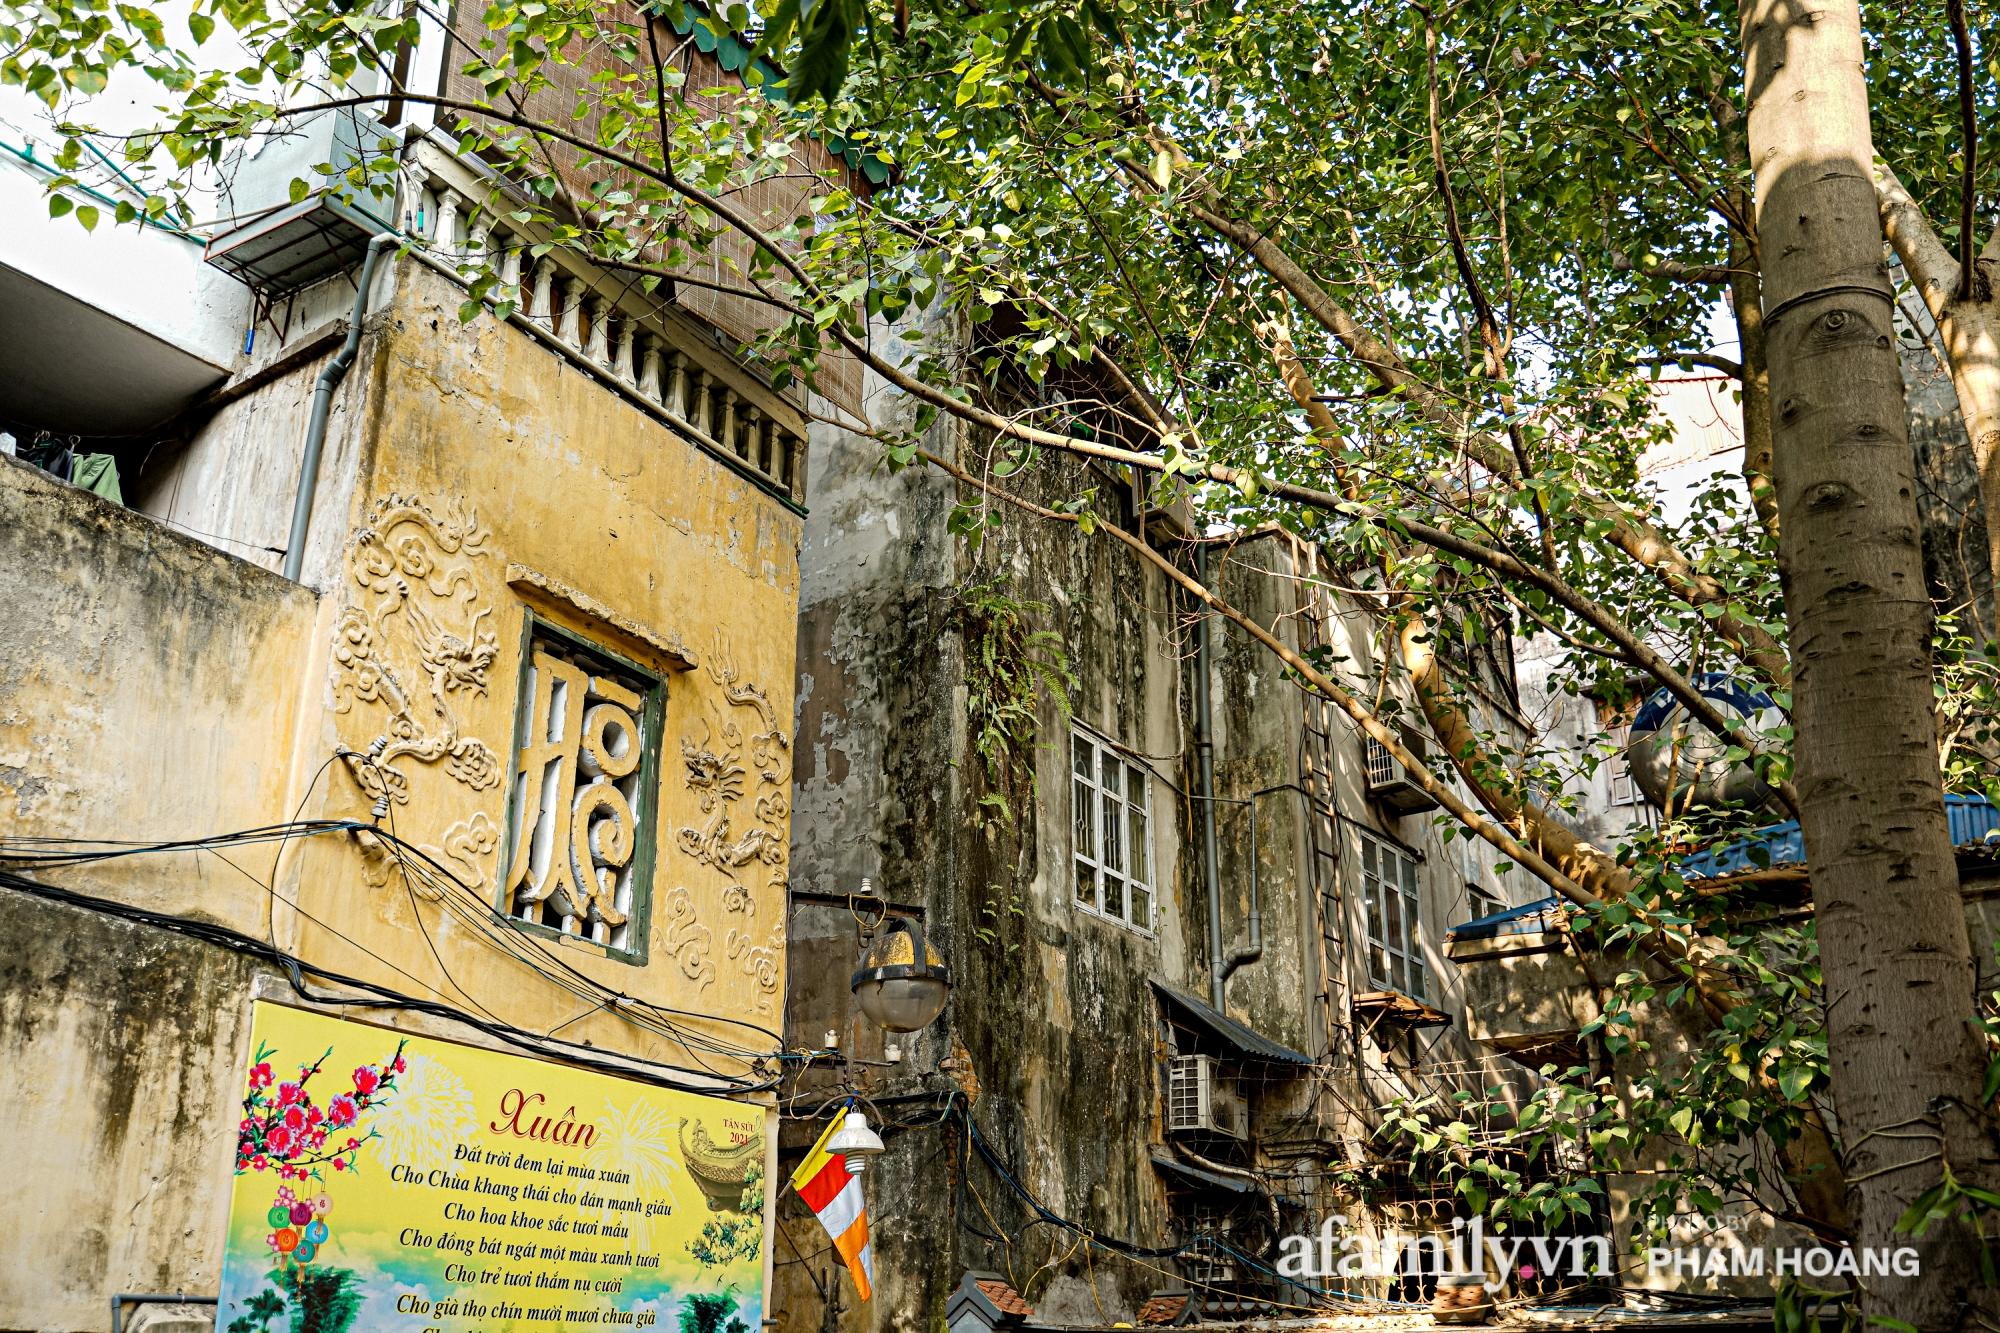 Mùng 1 đầu năm ghé thăm chùa Bà Đá: Chốn linh thiêng cổ xưa ngàn năm tuổi, giấu mình giữa phố cổ phồn hoa - Ảnh 20.